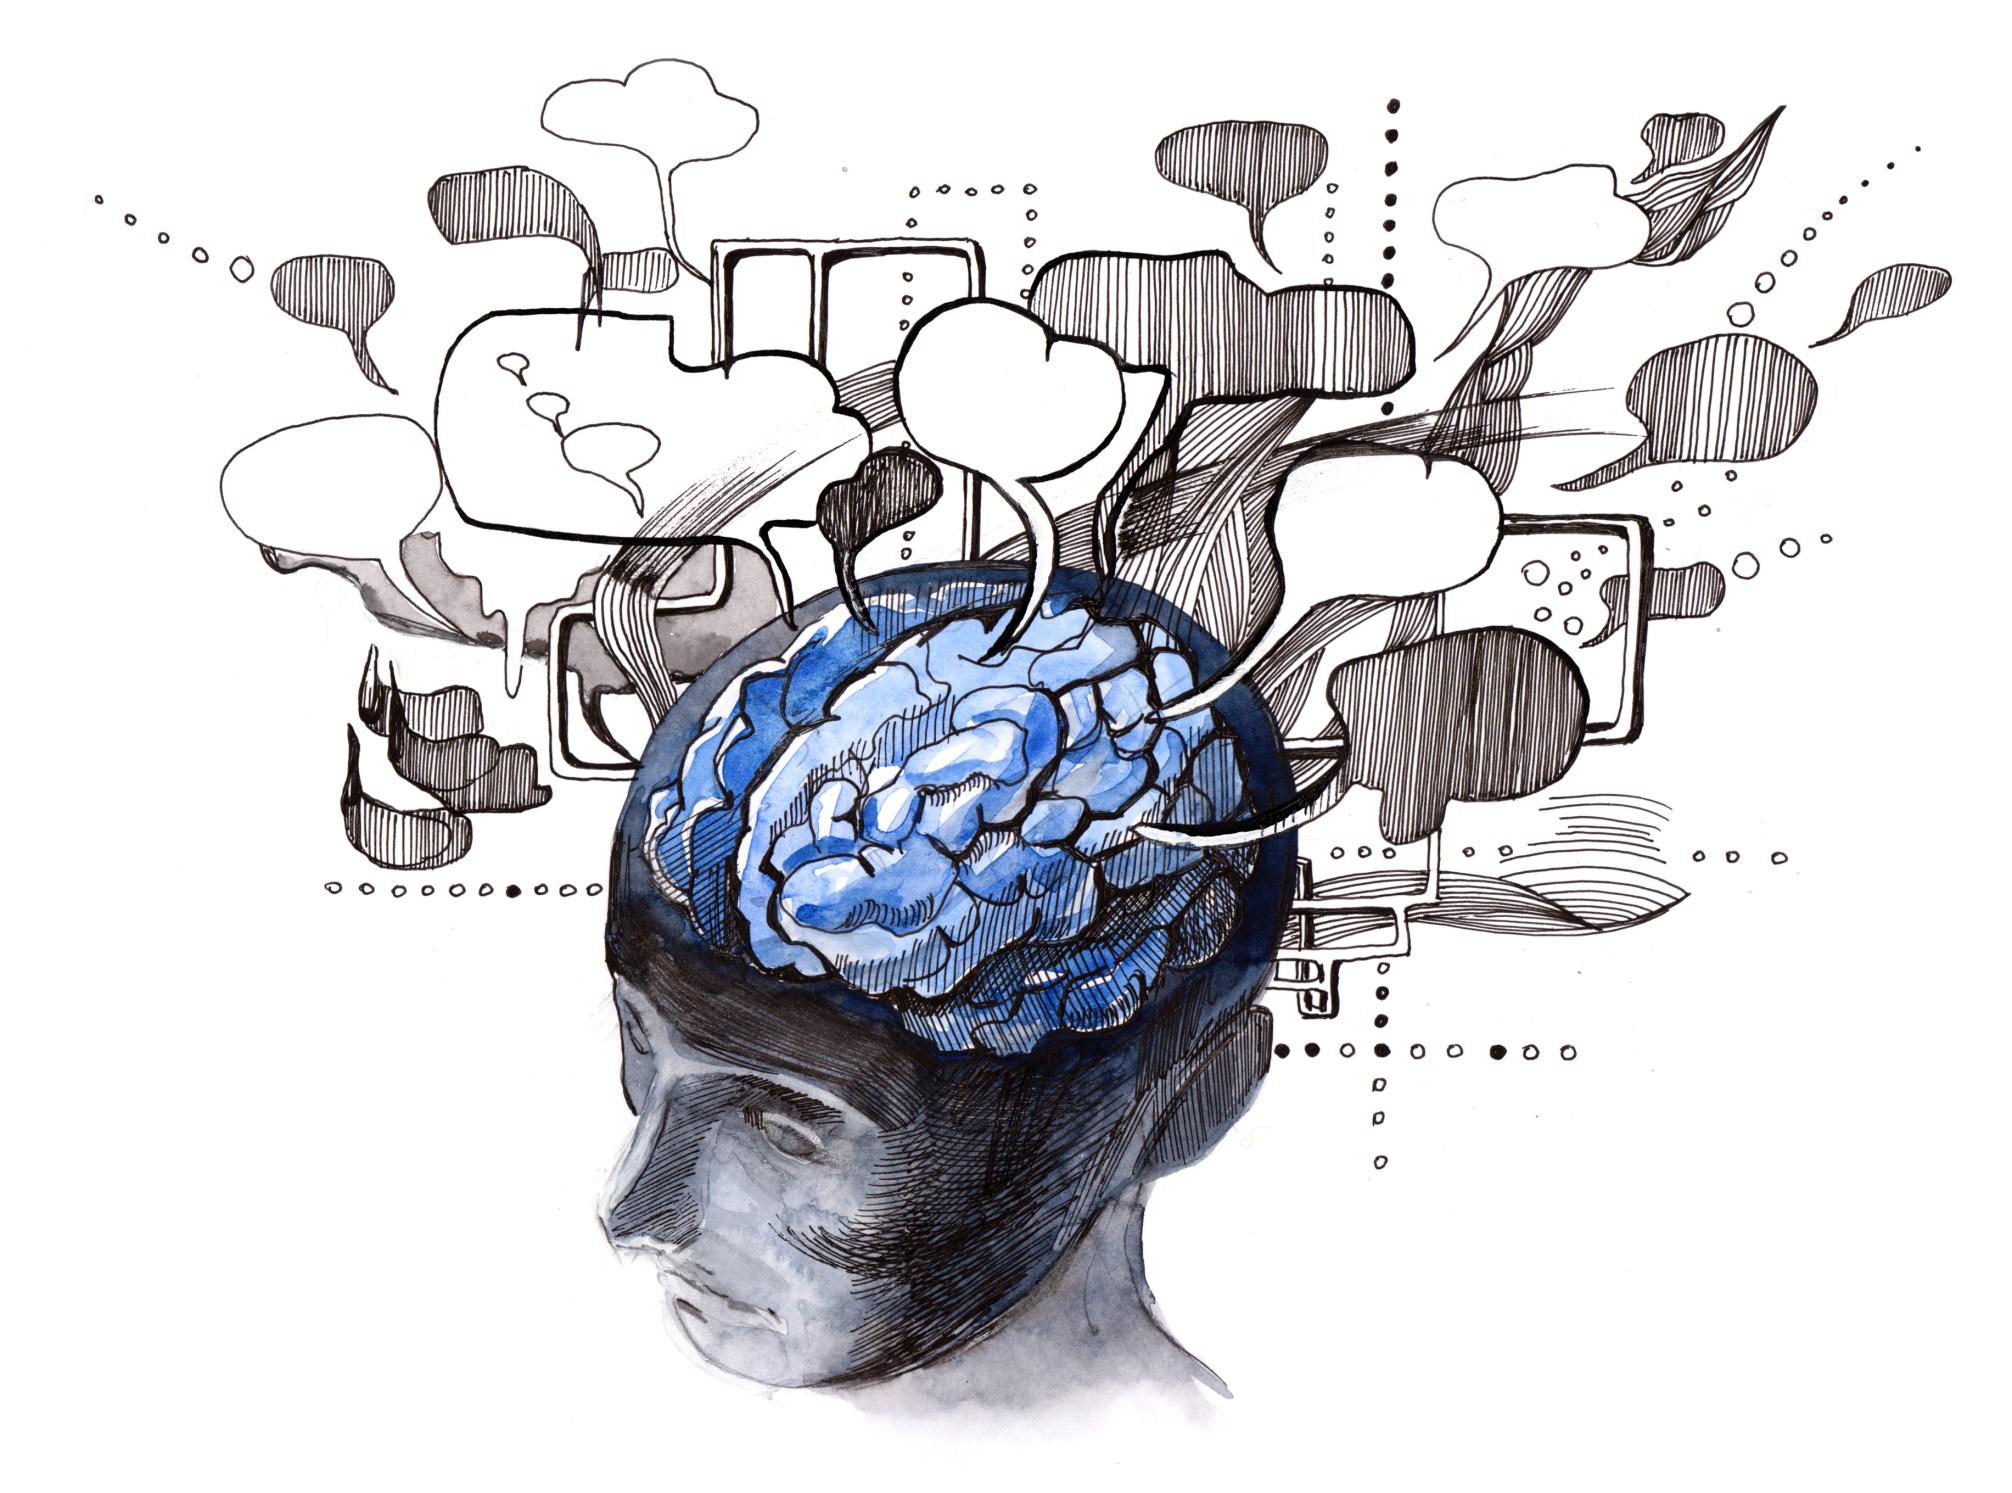 trucchi per migliorare la memoria